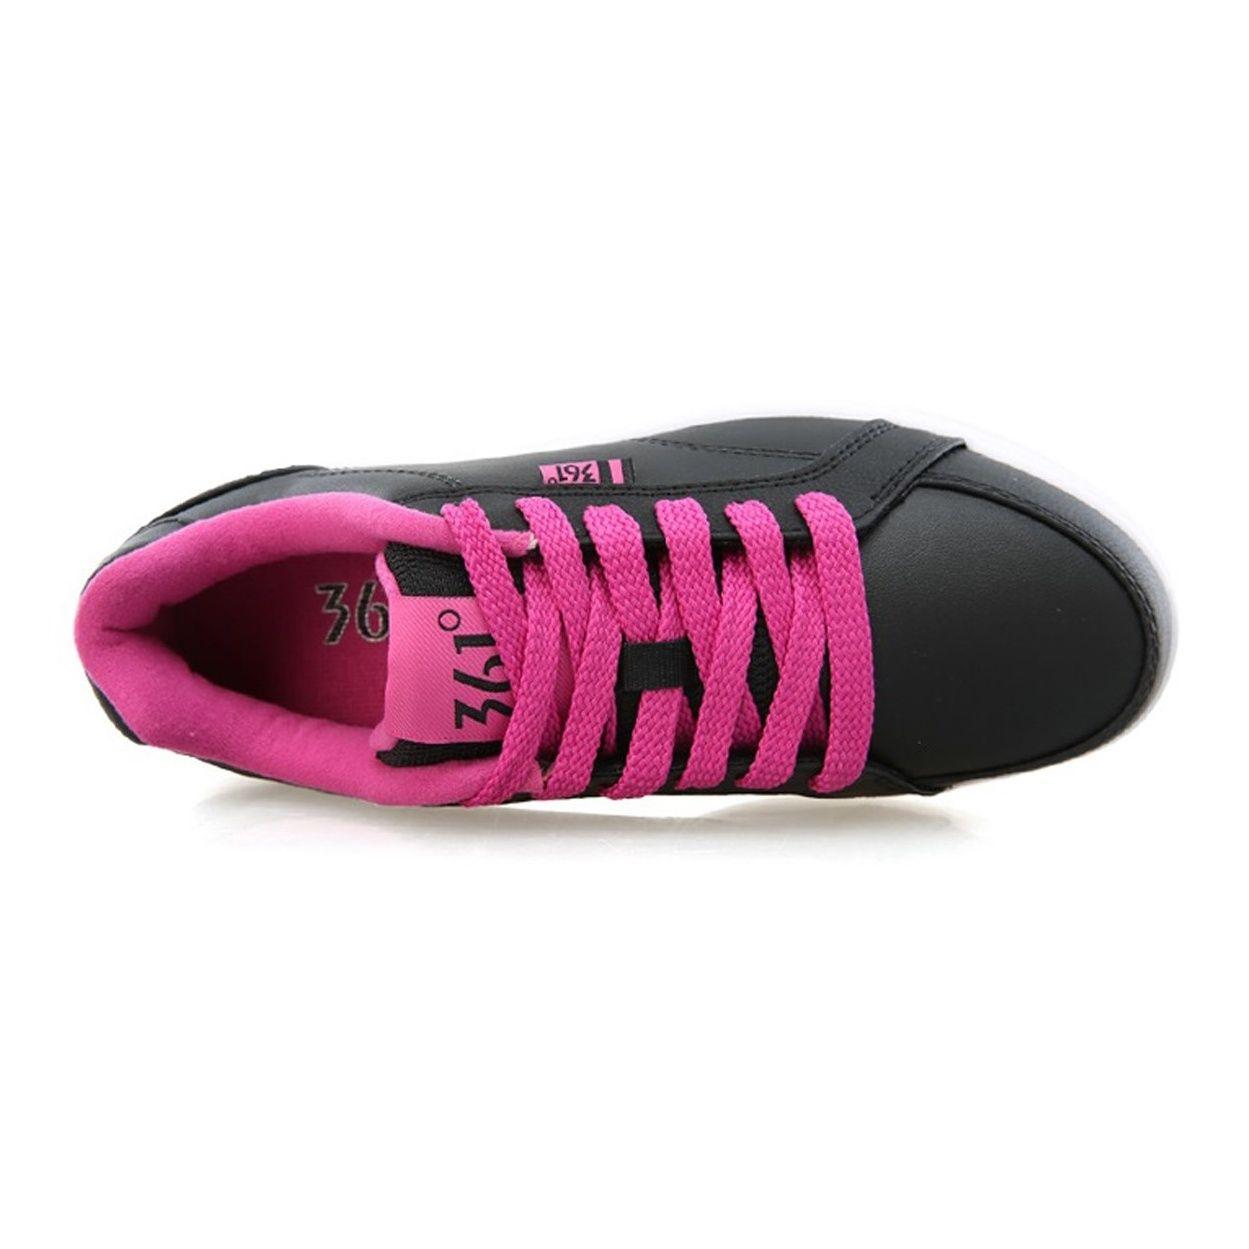 کفش راحتی زنانه 361 درجه مدل 6631 -  - 4